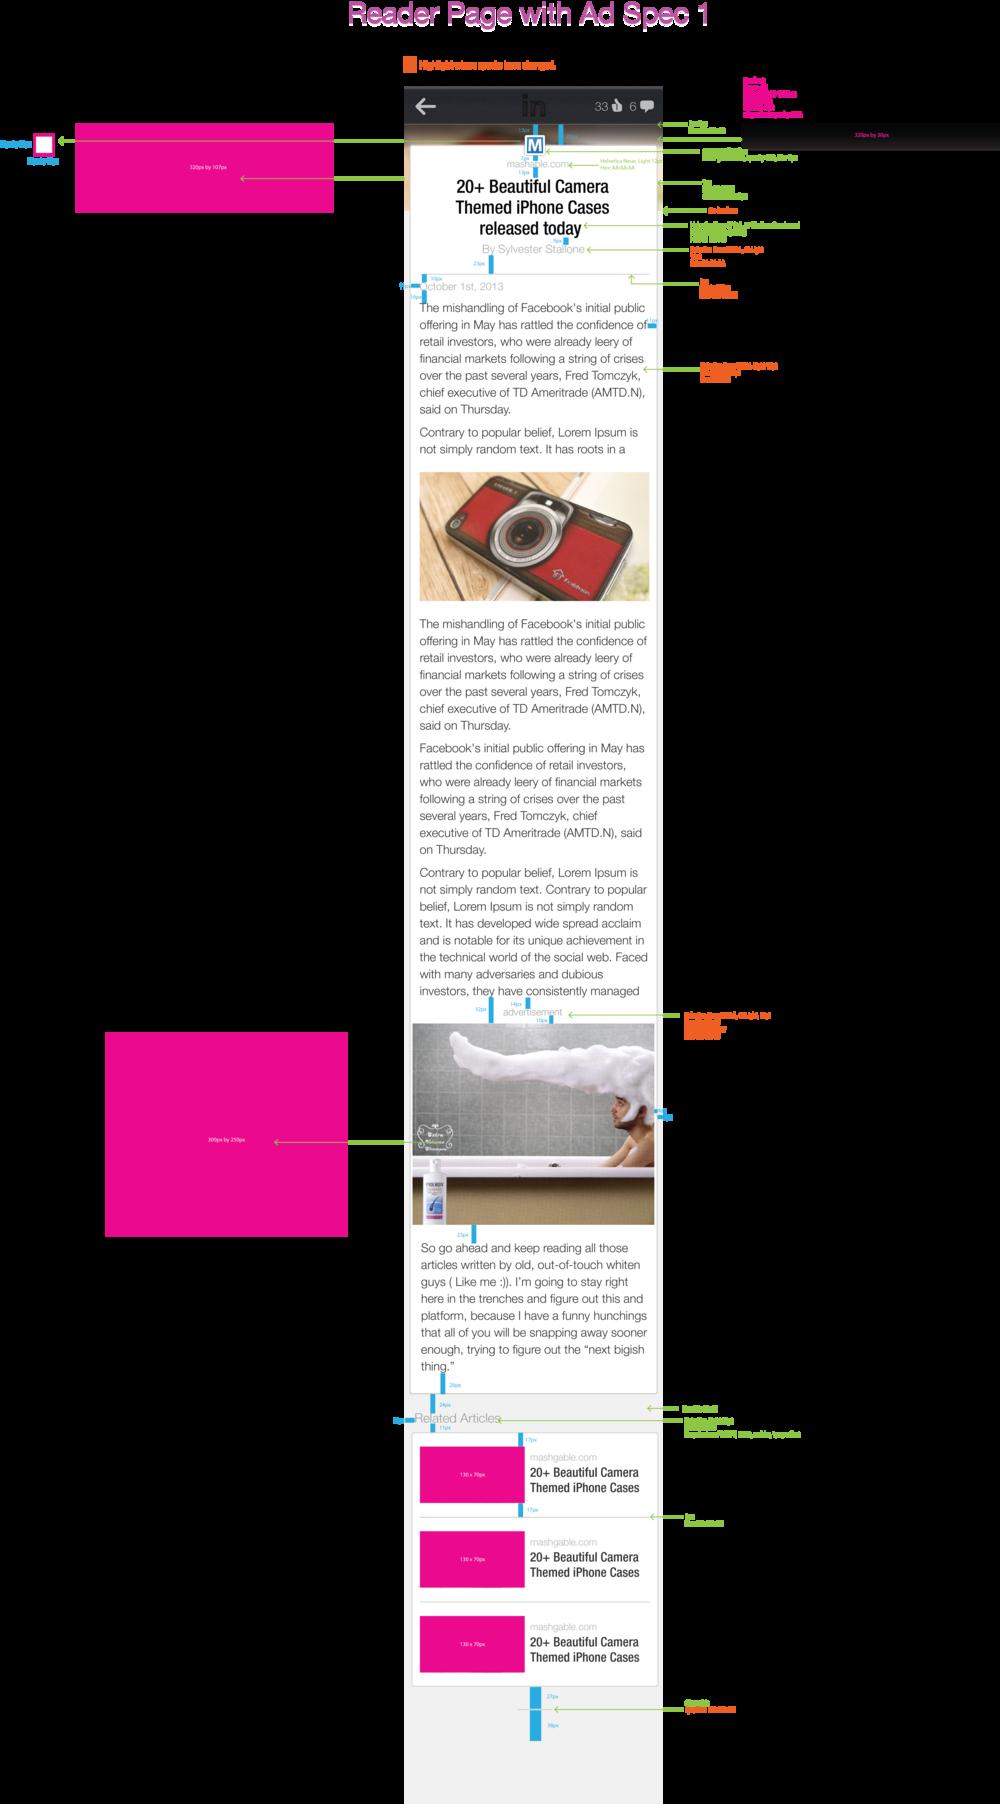 Reader_Ad_Specs.png